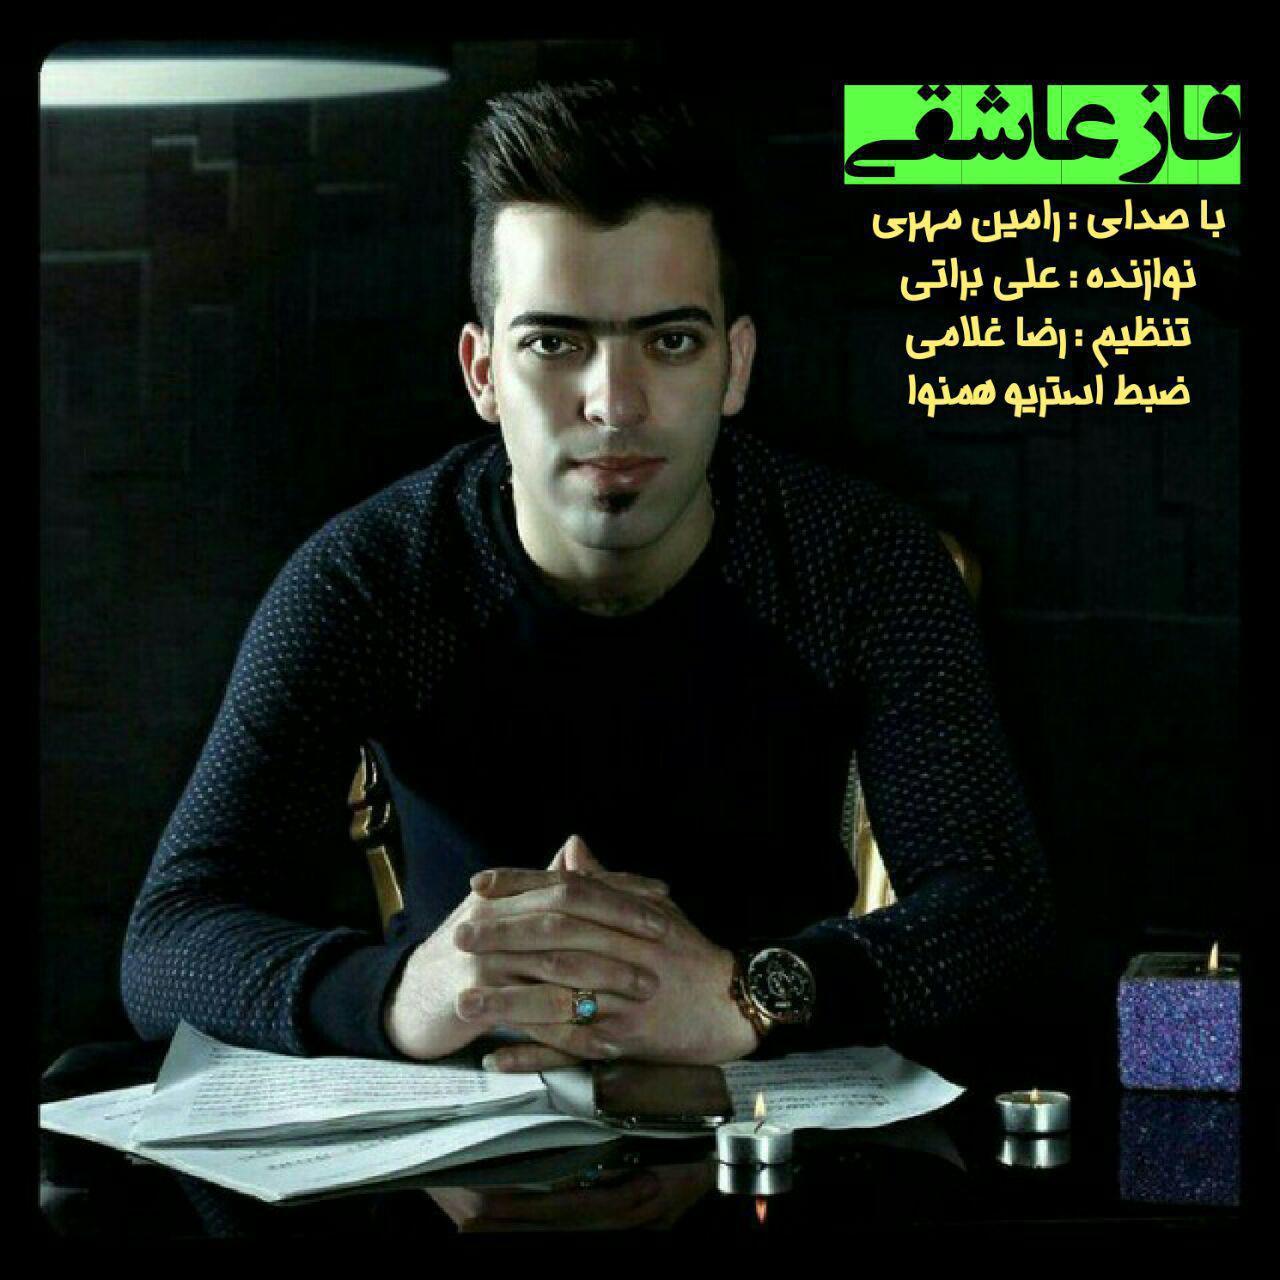 آهنگ مازندرانی فازعاشقی با صدای رامین مهری